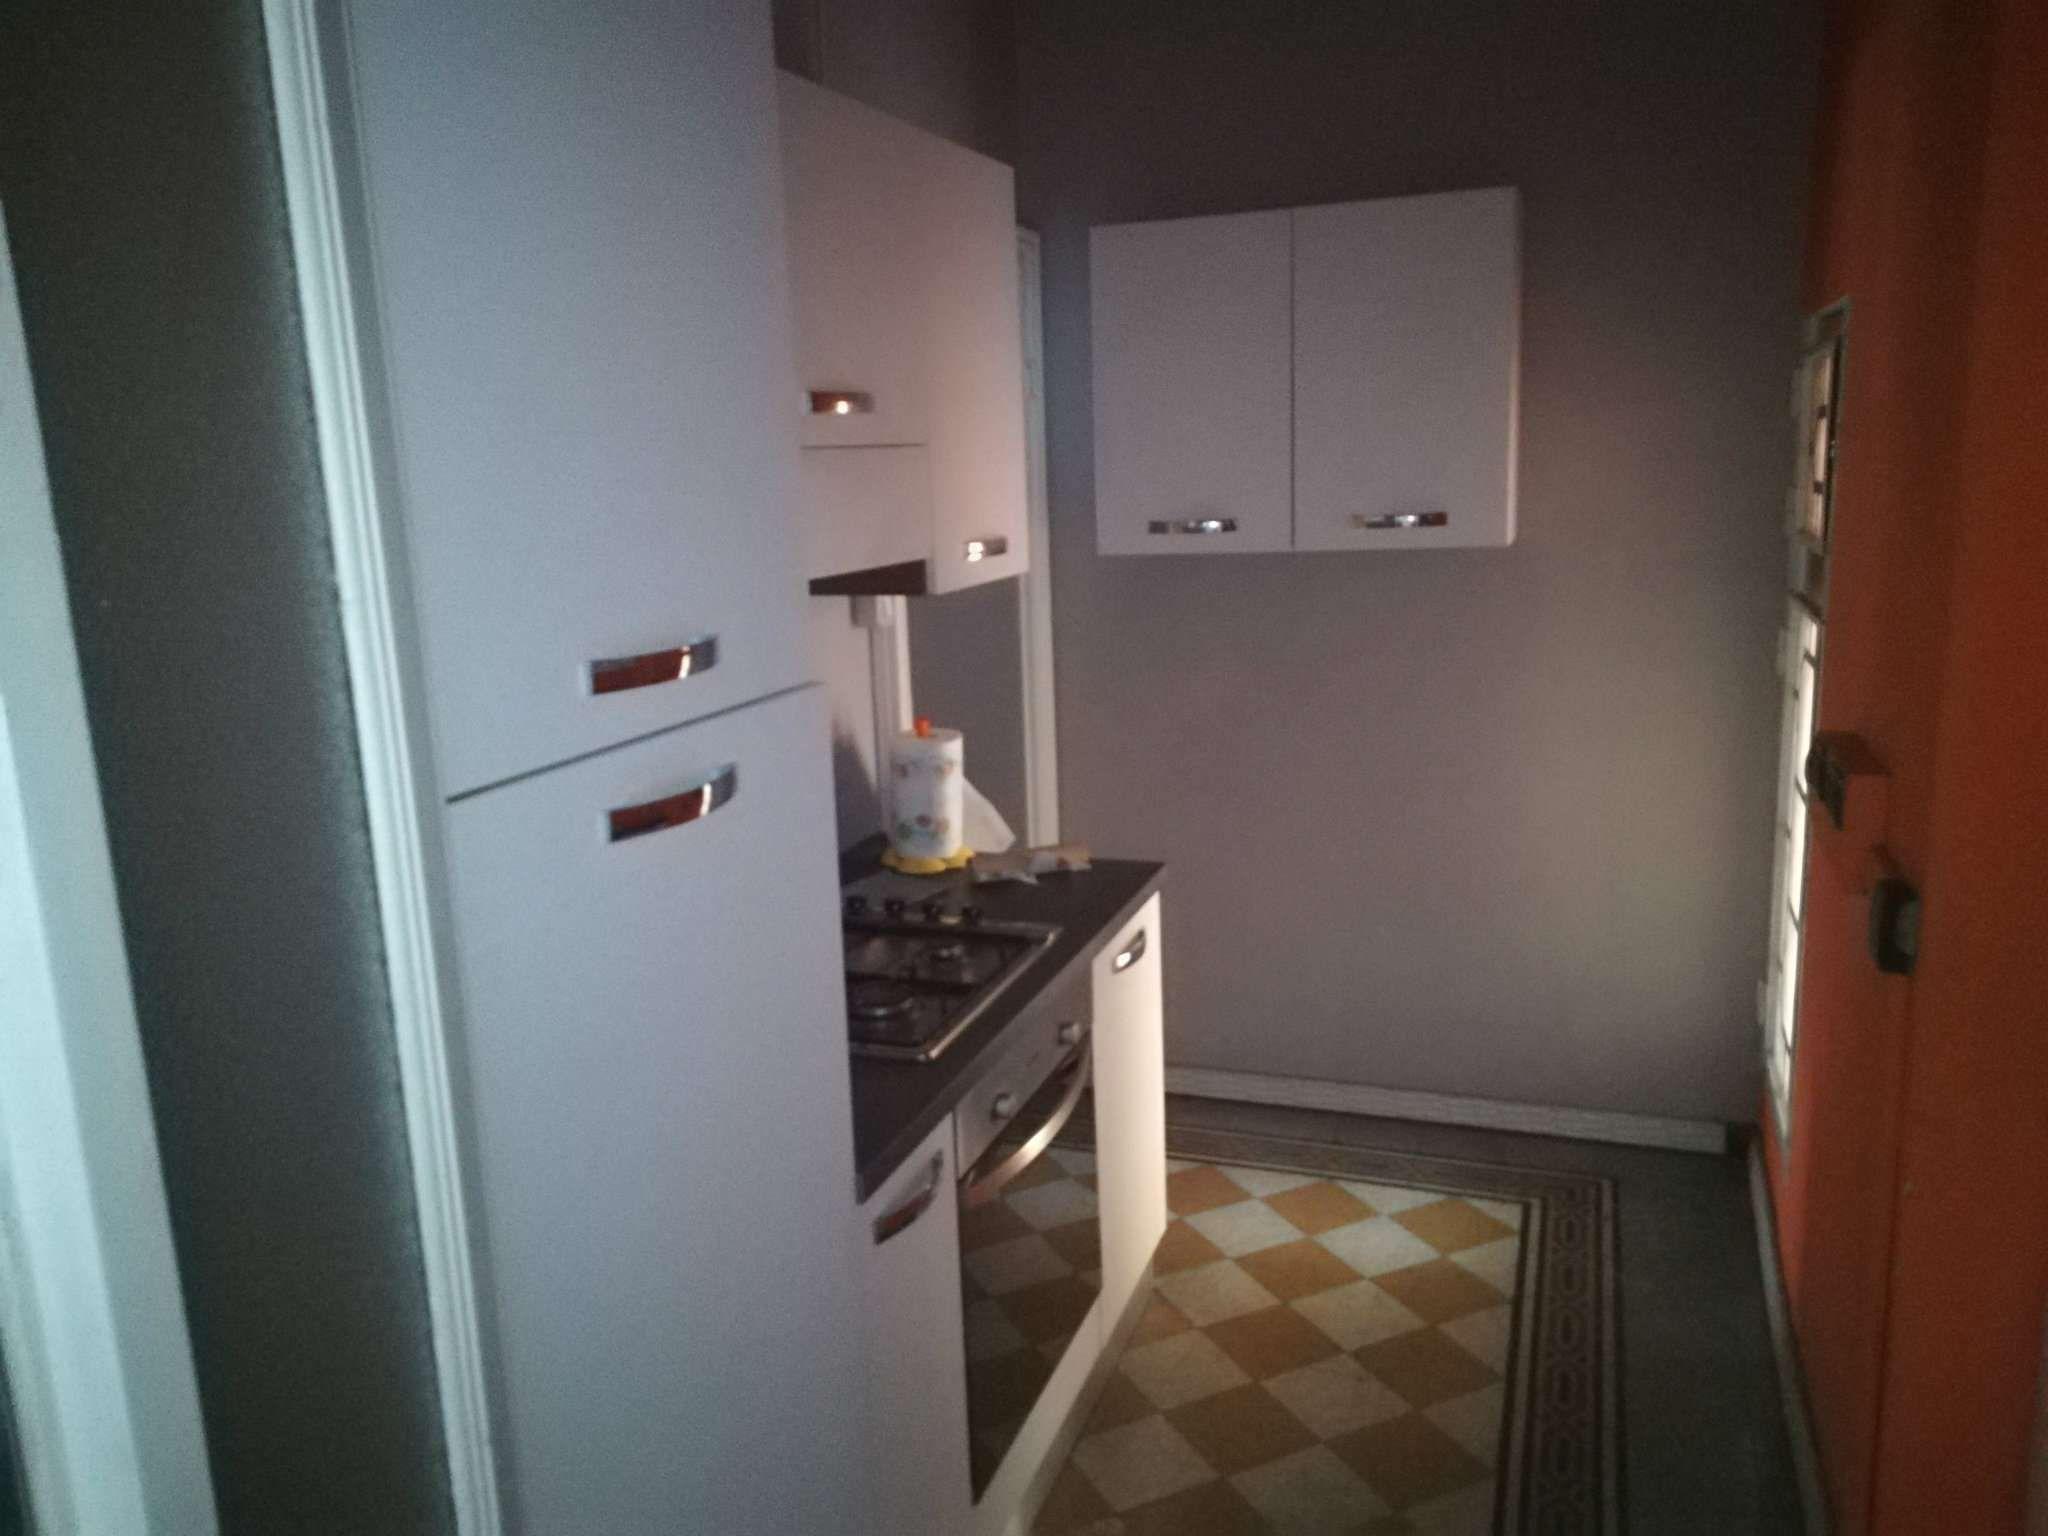 Mq Bagno ~ Appartamento in affitto a milano u ac mq camere bagno